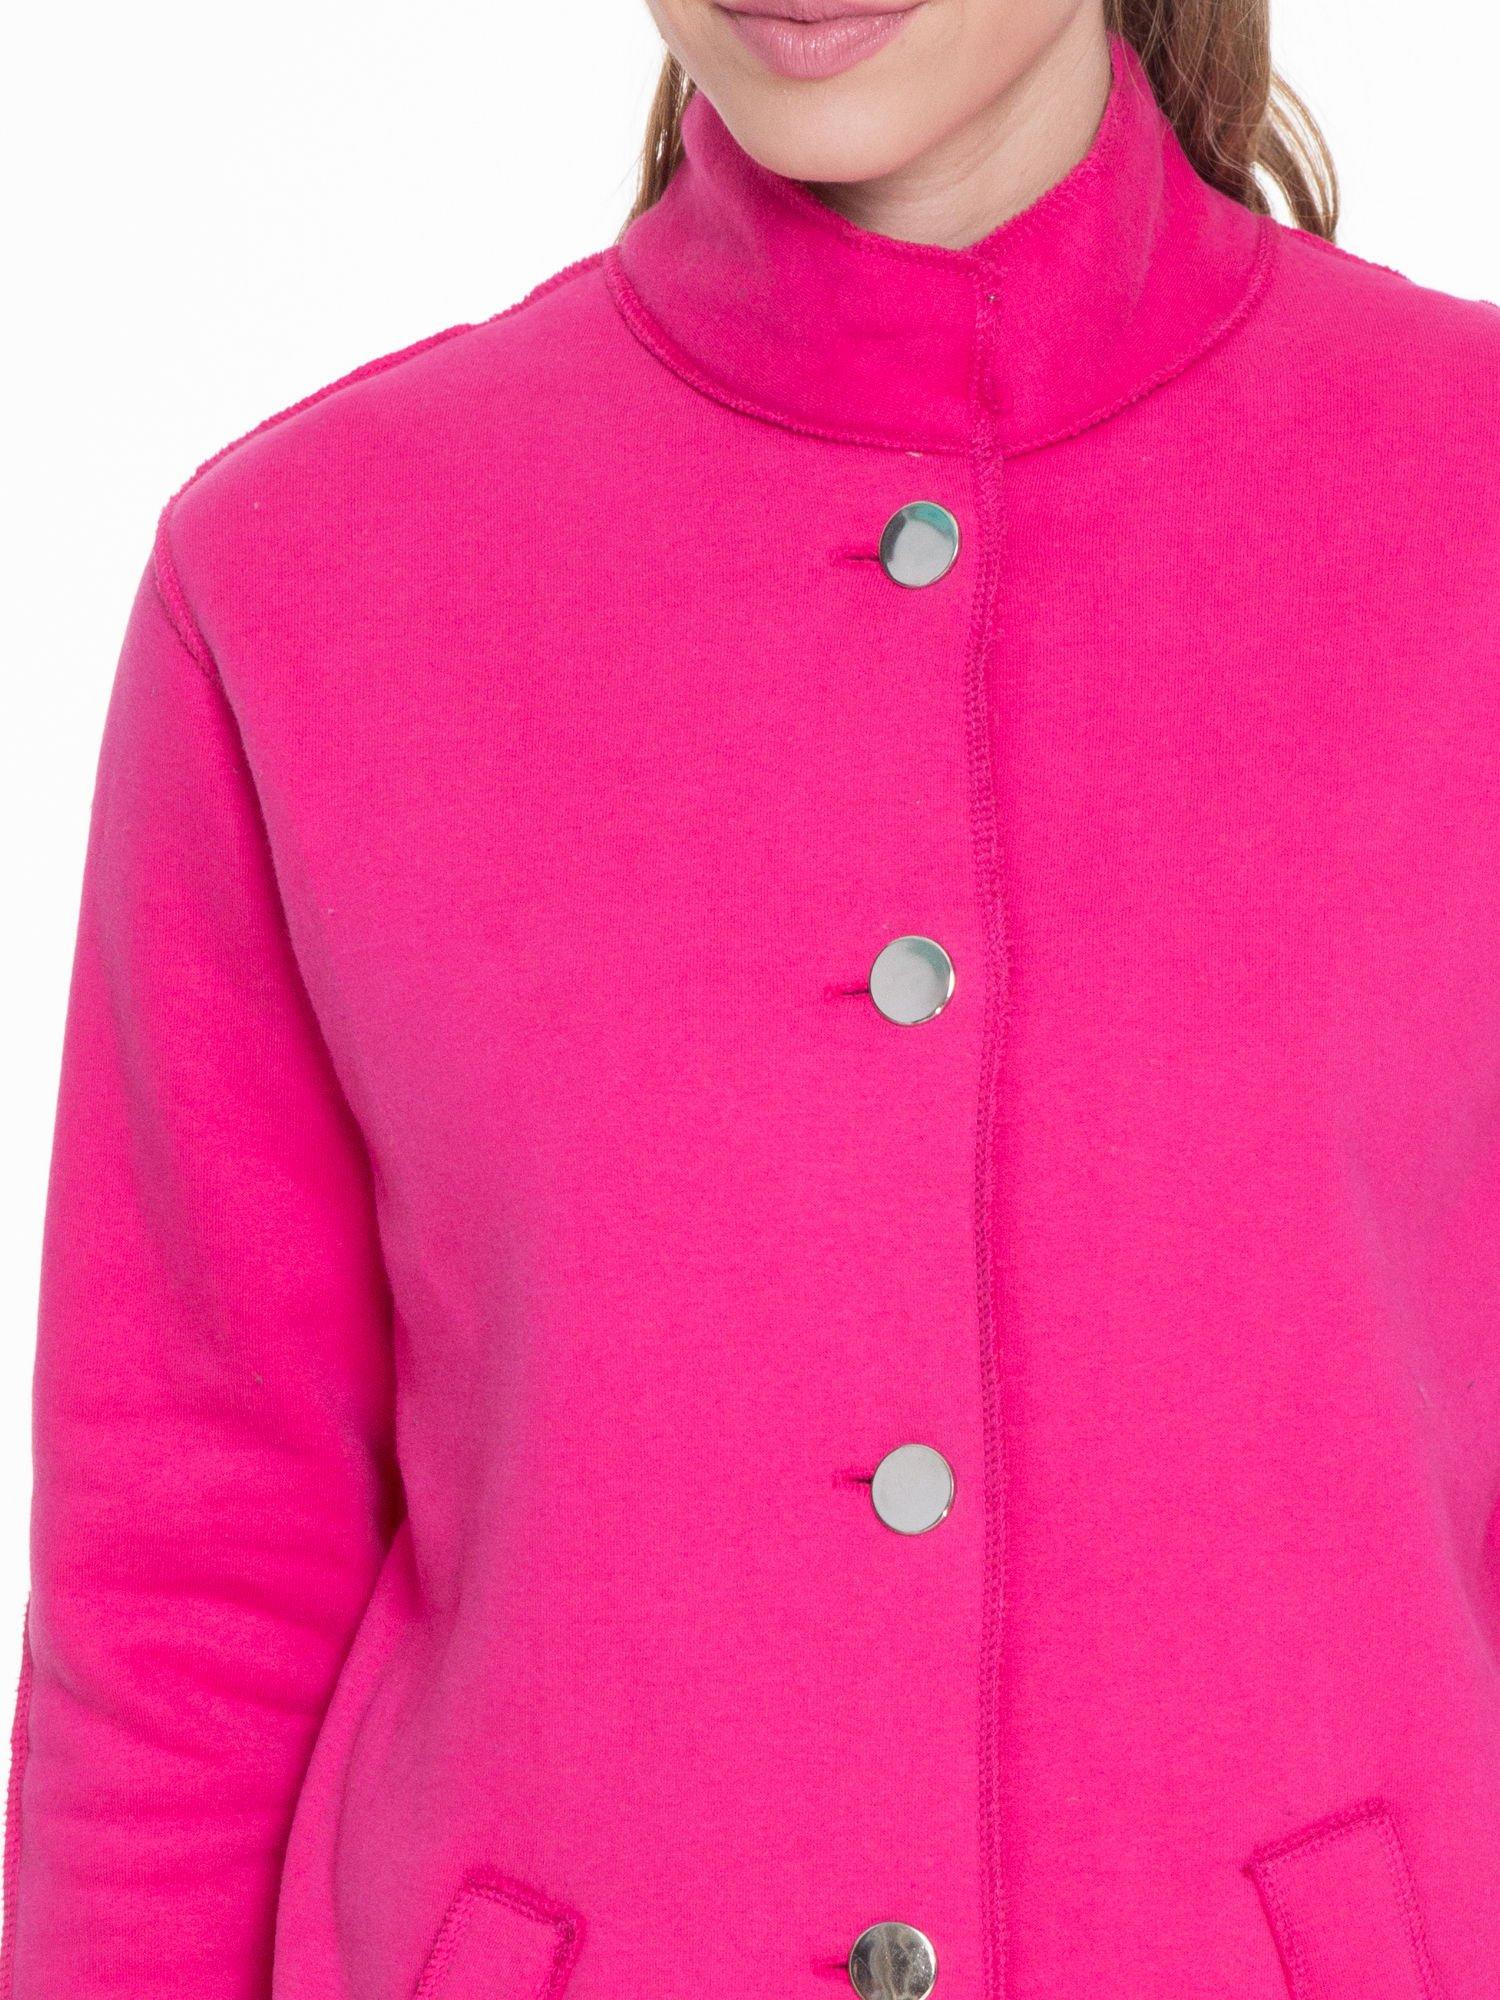 Różowy dresowy płaszcz o kroju oversize                                  zdj.                                  5